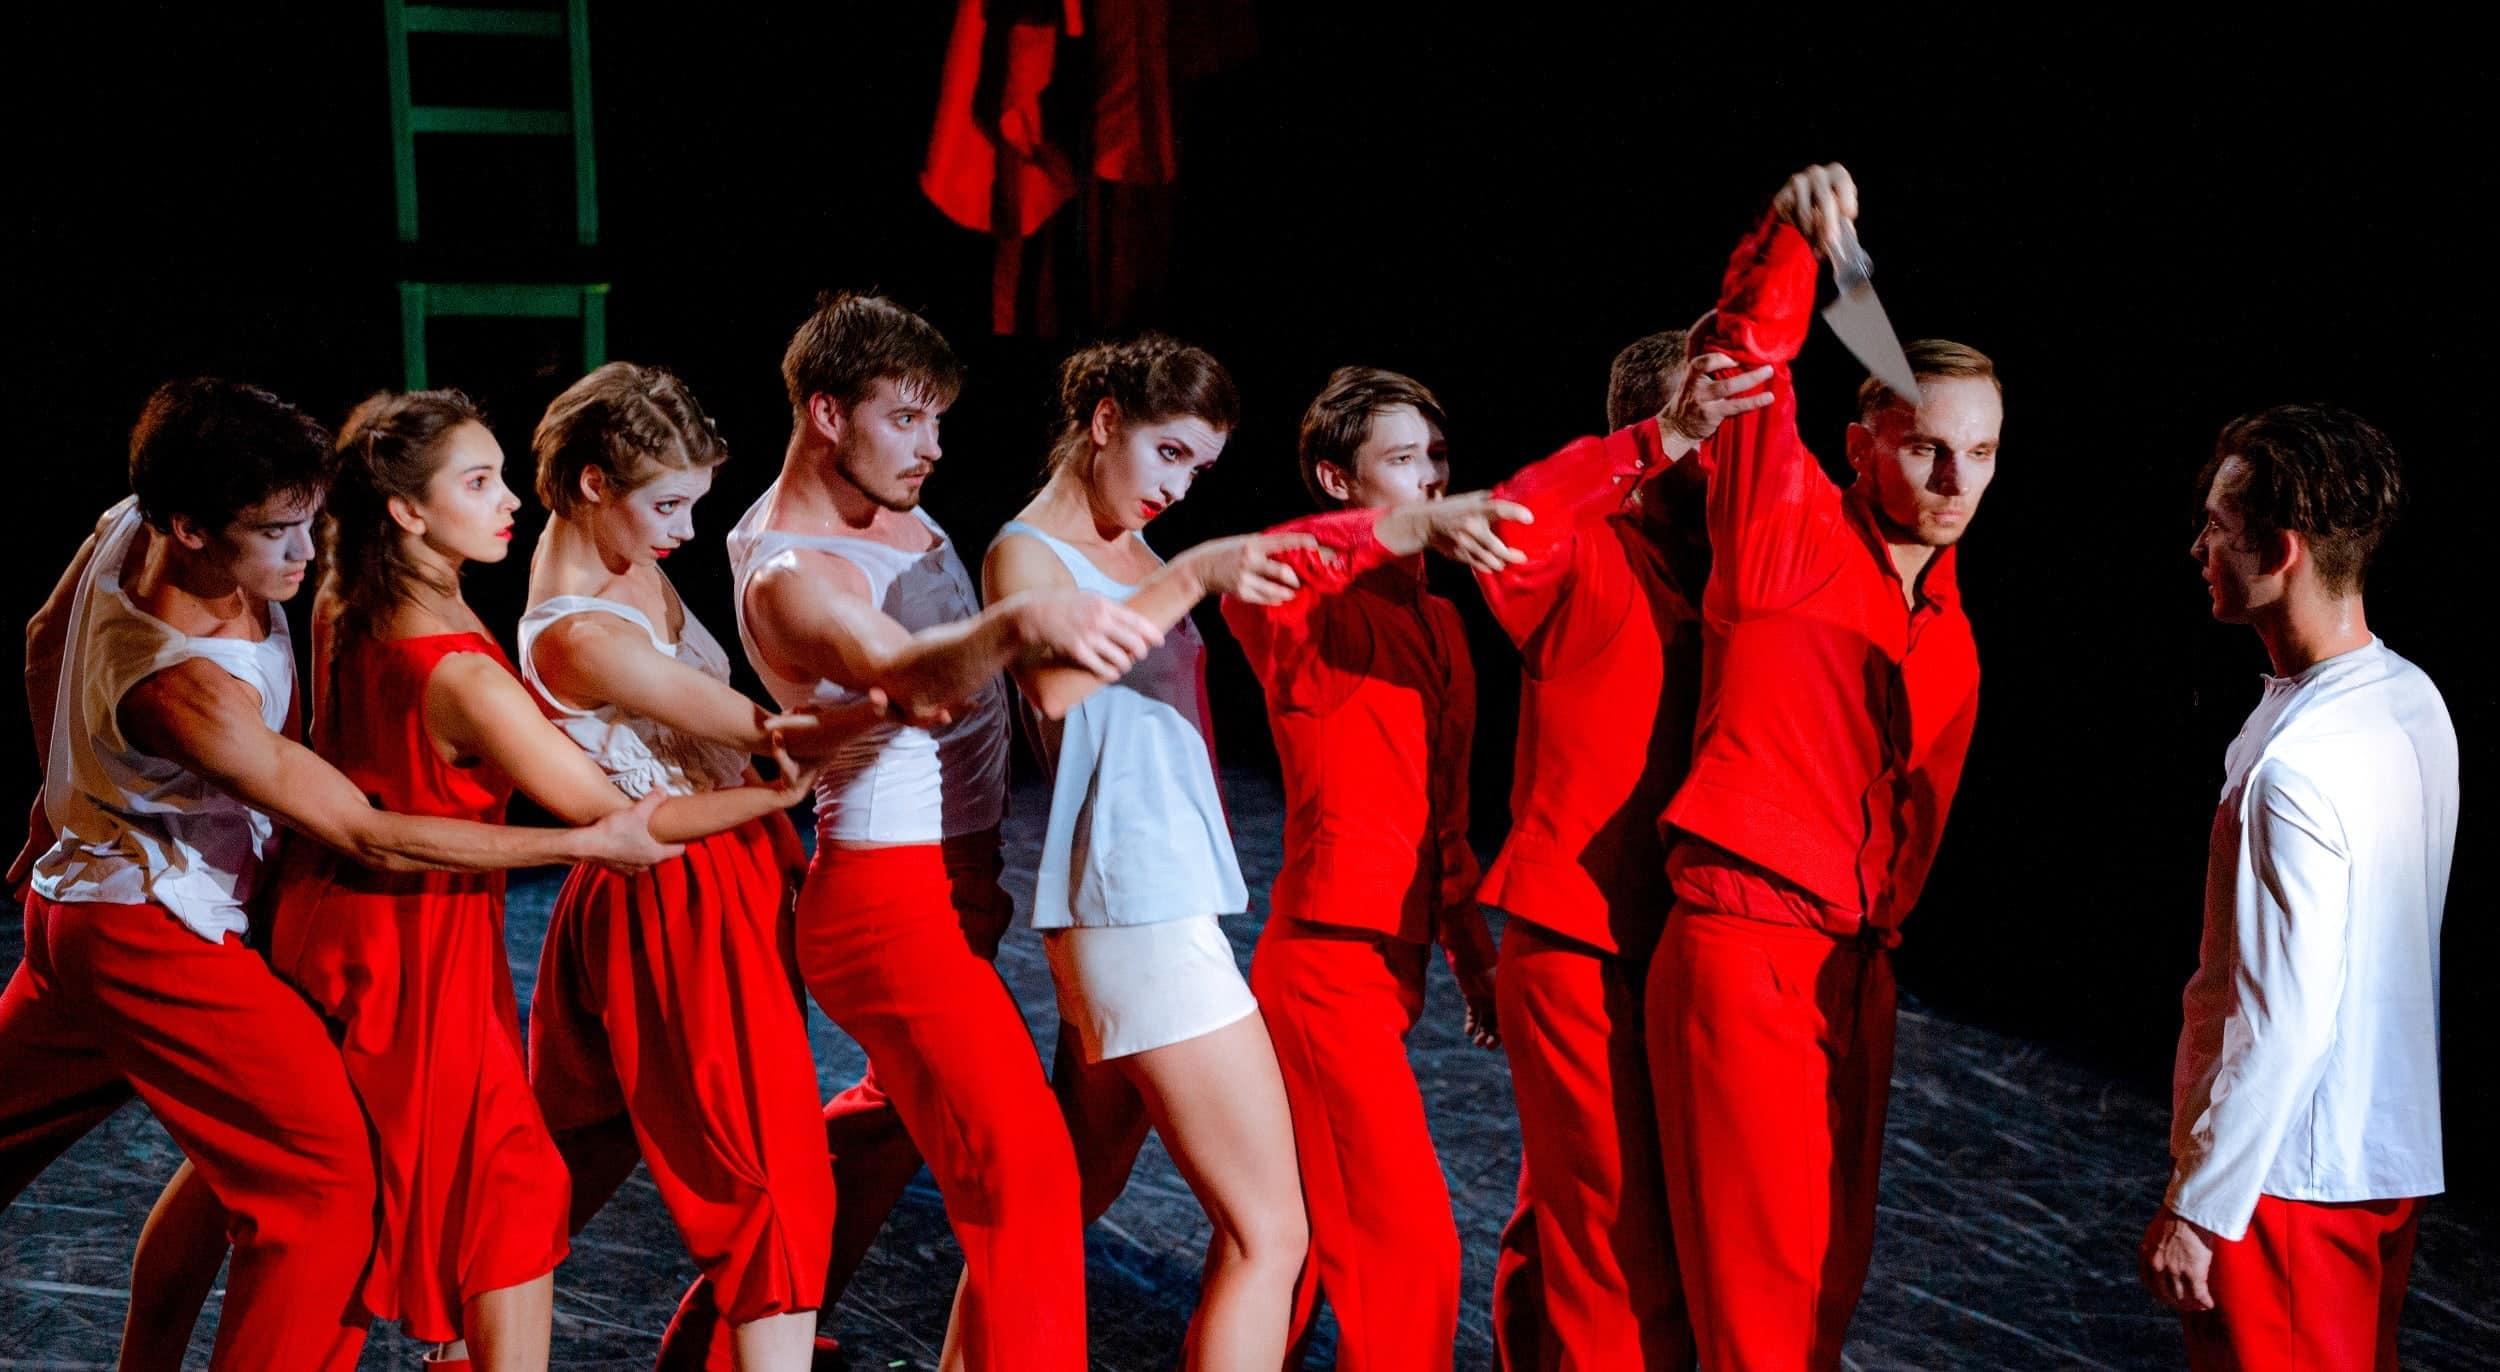 Фрагмент спектакля современного танца «Кафе Идиот». Фото - Татьяна Трегубенко